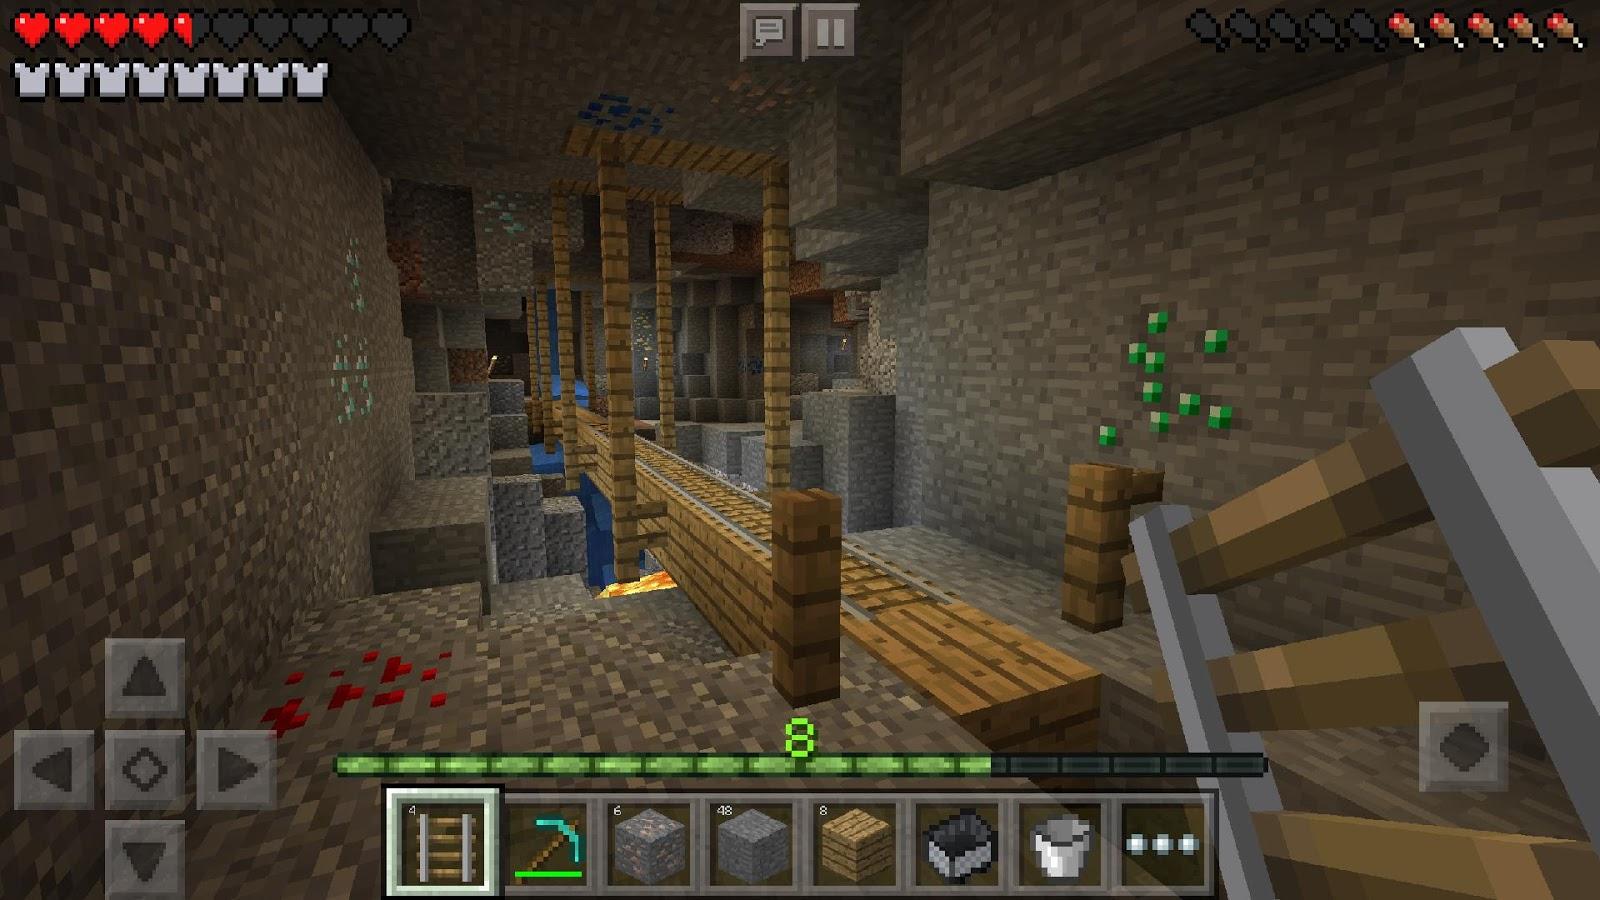 скачать minecraft версия 1 9 0 3